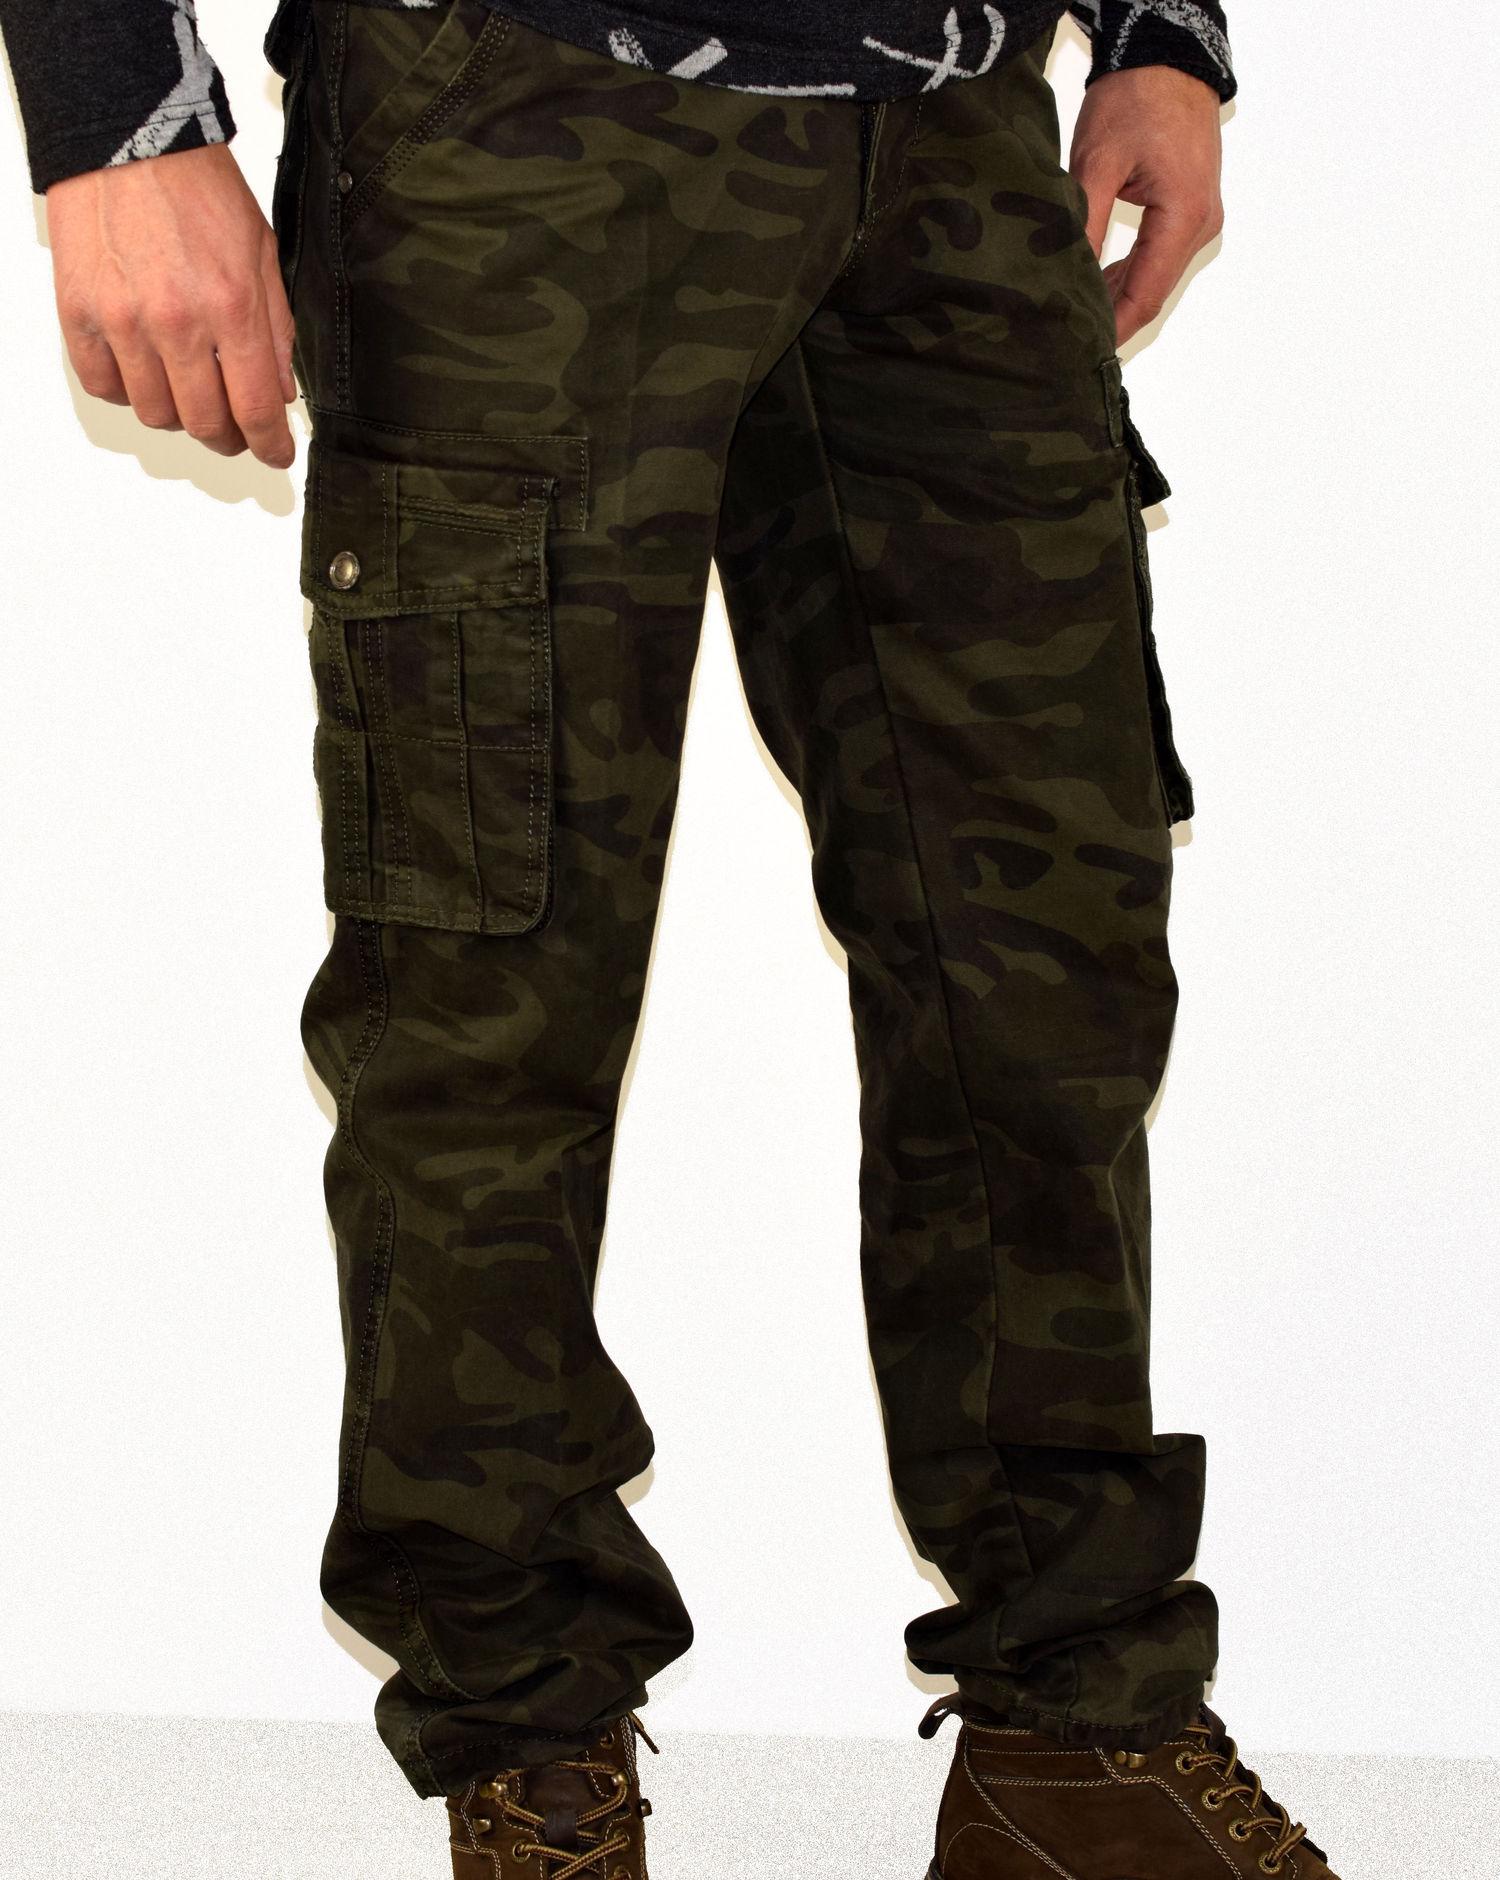 d15594248a1 Мъжки камуфлажен панталон - 1001 - тъмно зелен - Alis.bg - Fashion &